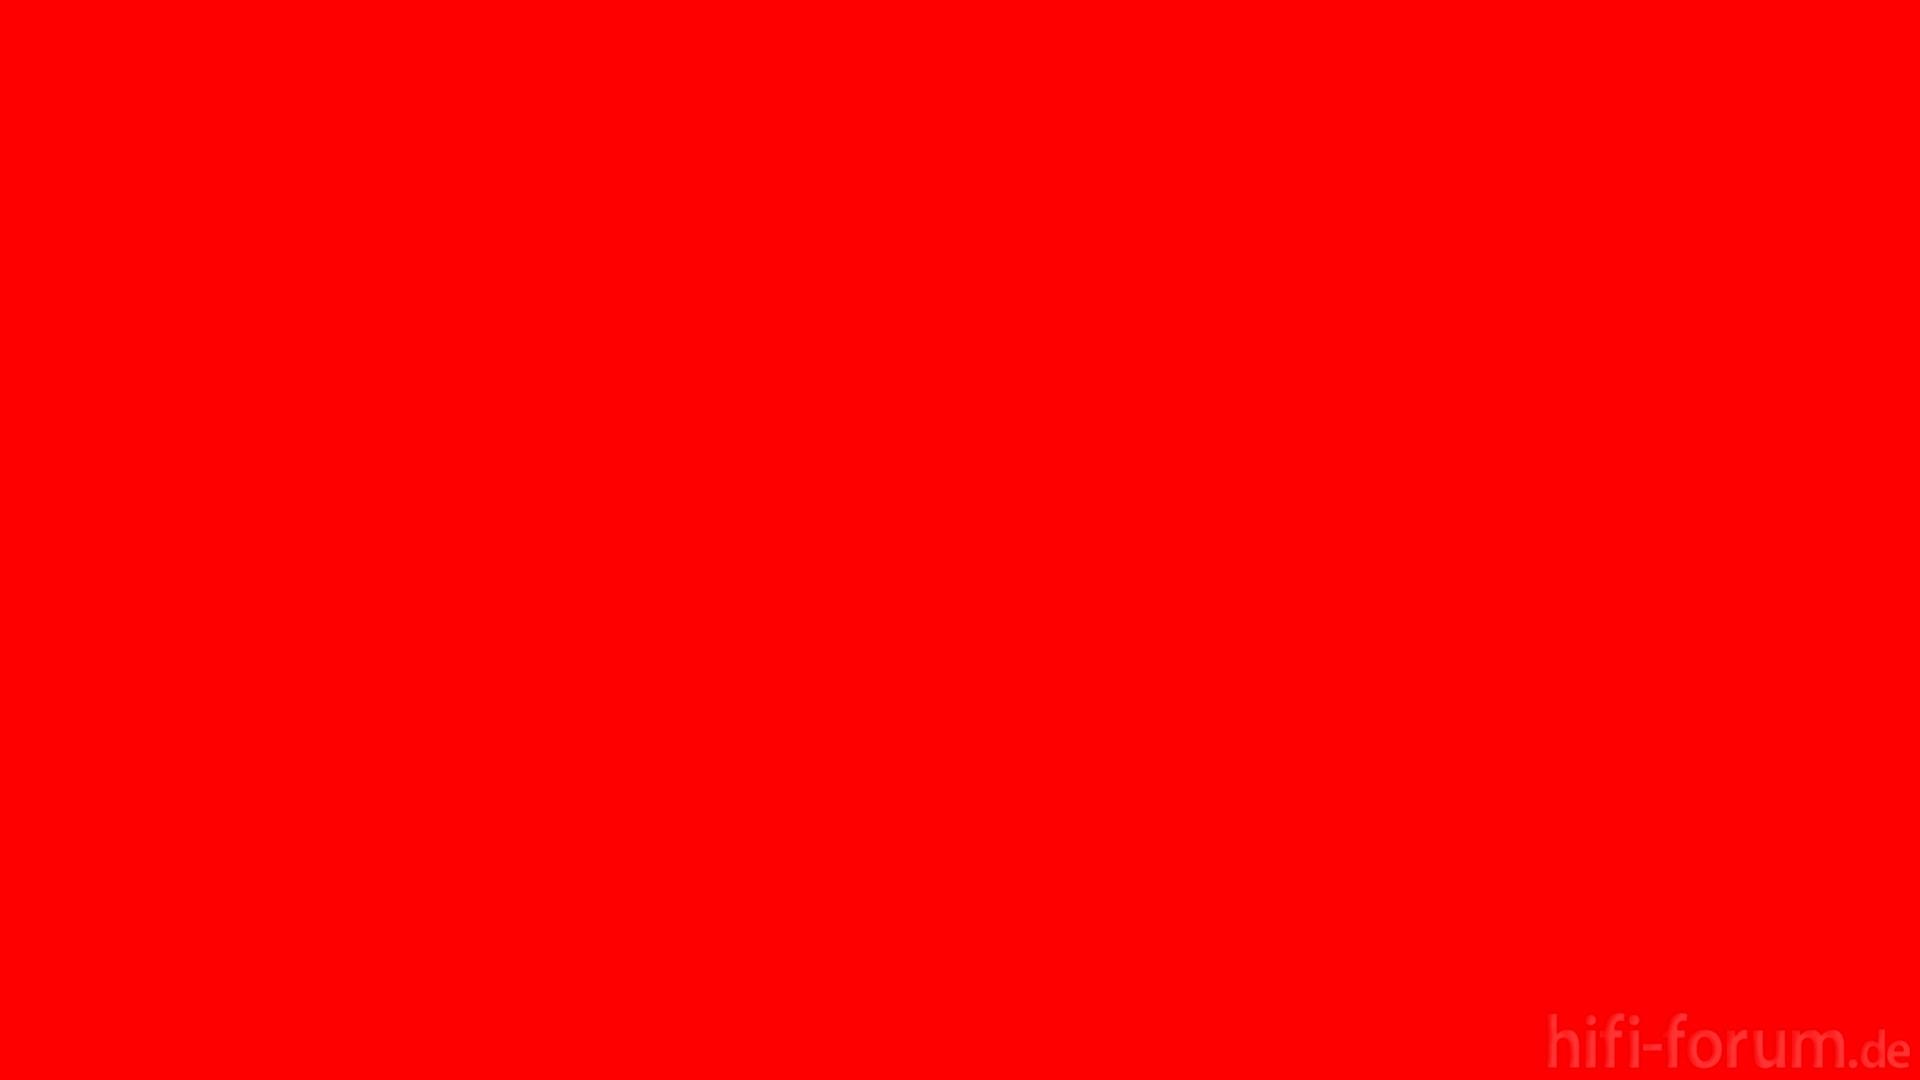 Rot ist die liebe schwarz ist das loch - 2 5